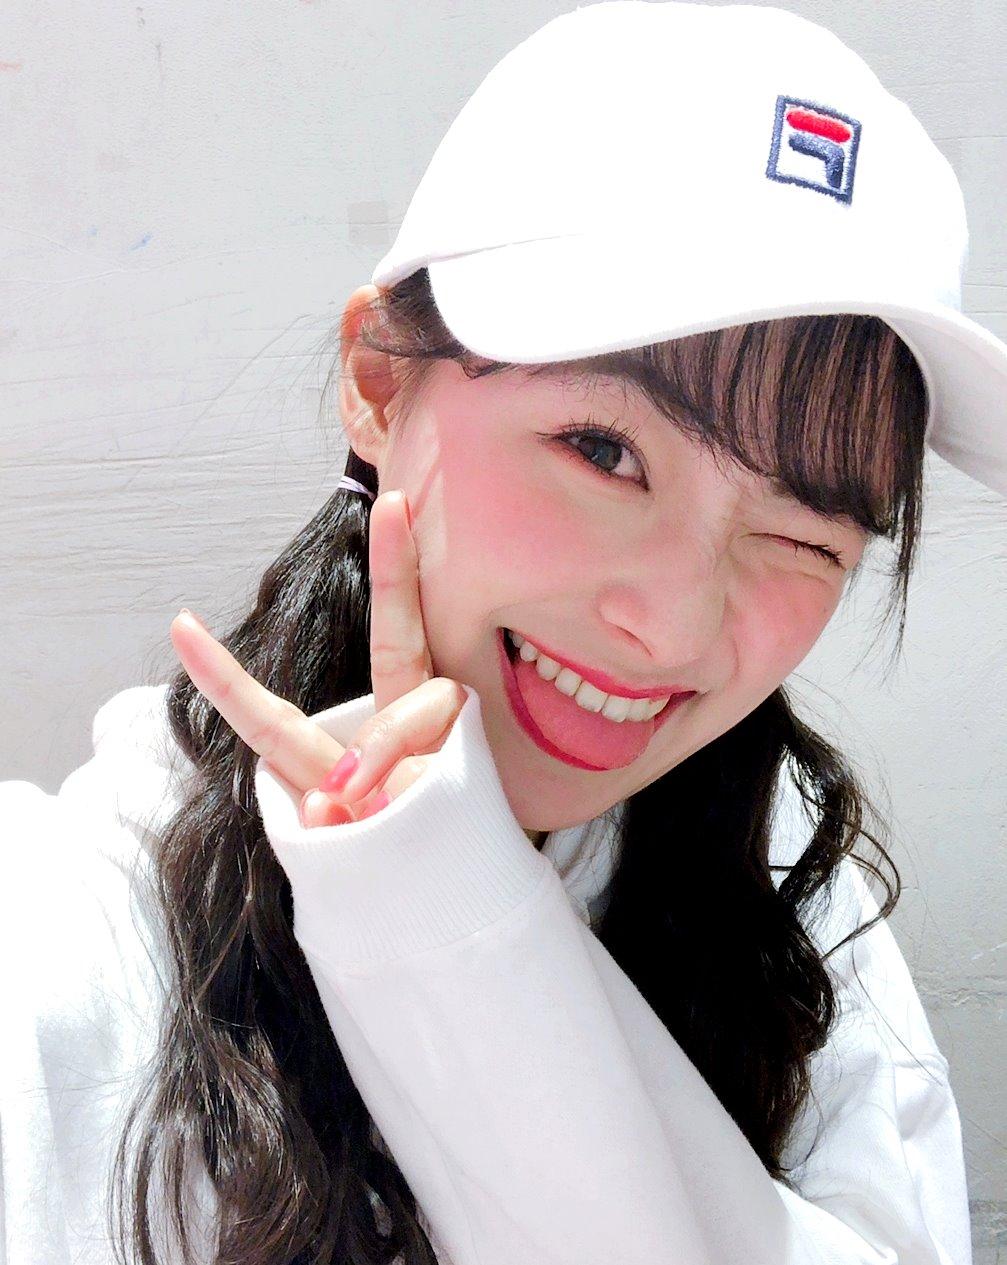 鈴木美羽のぽってり舌まとめ (23)